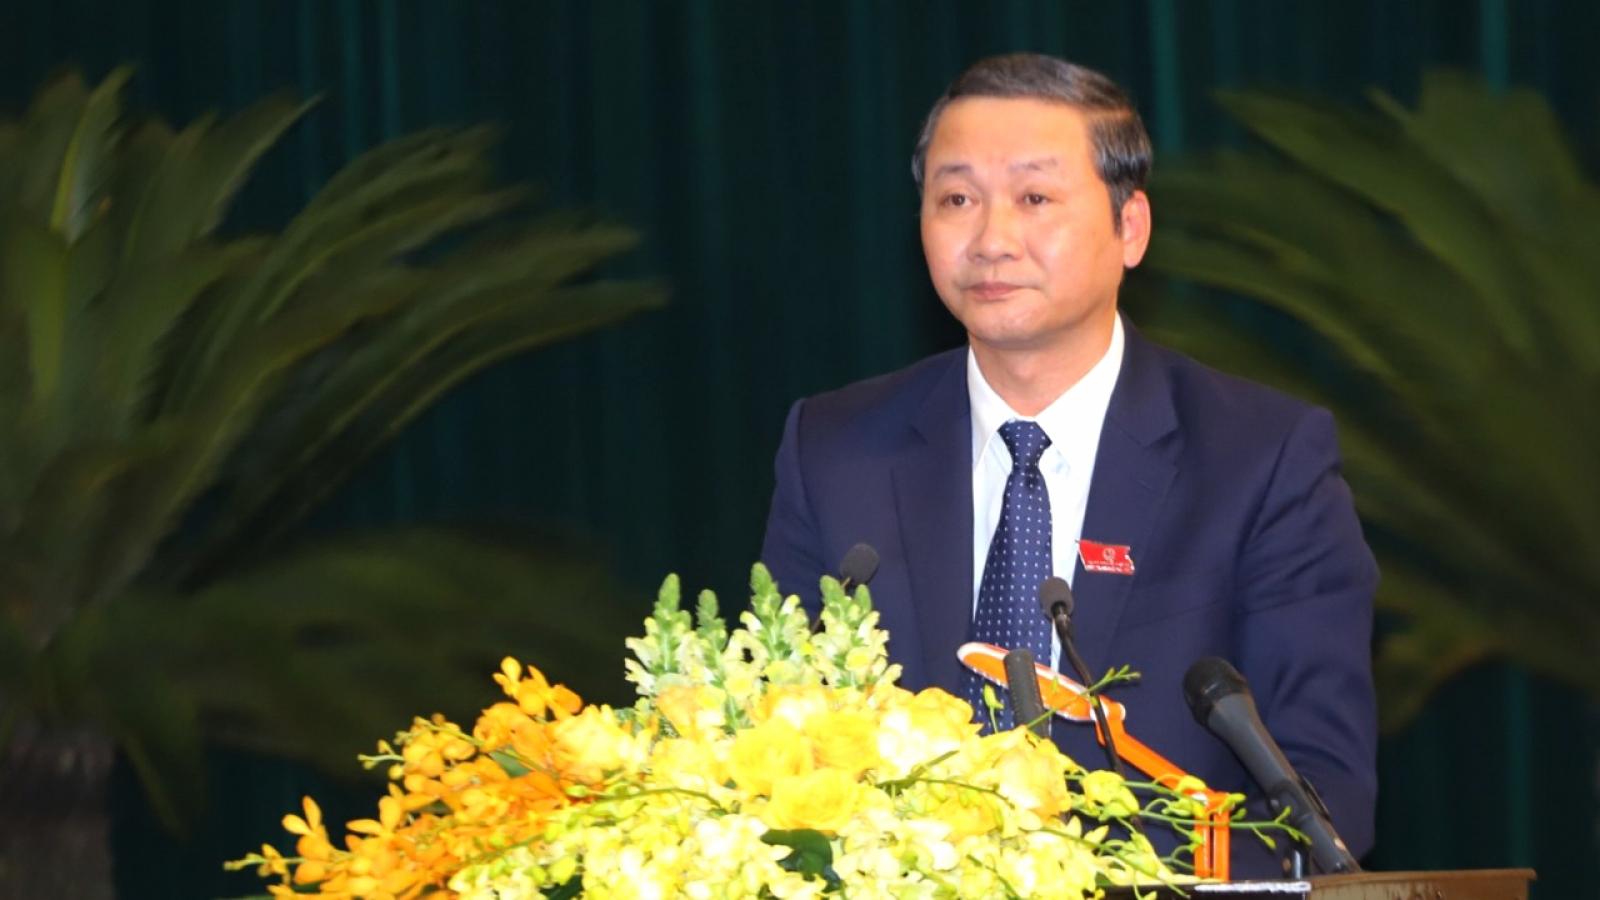 Thủ tướng phê chuẩn nhân sự 3 tỉnh, thành phố